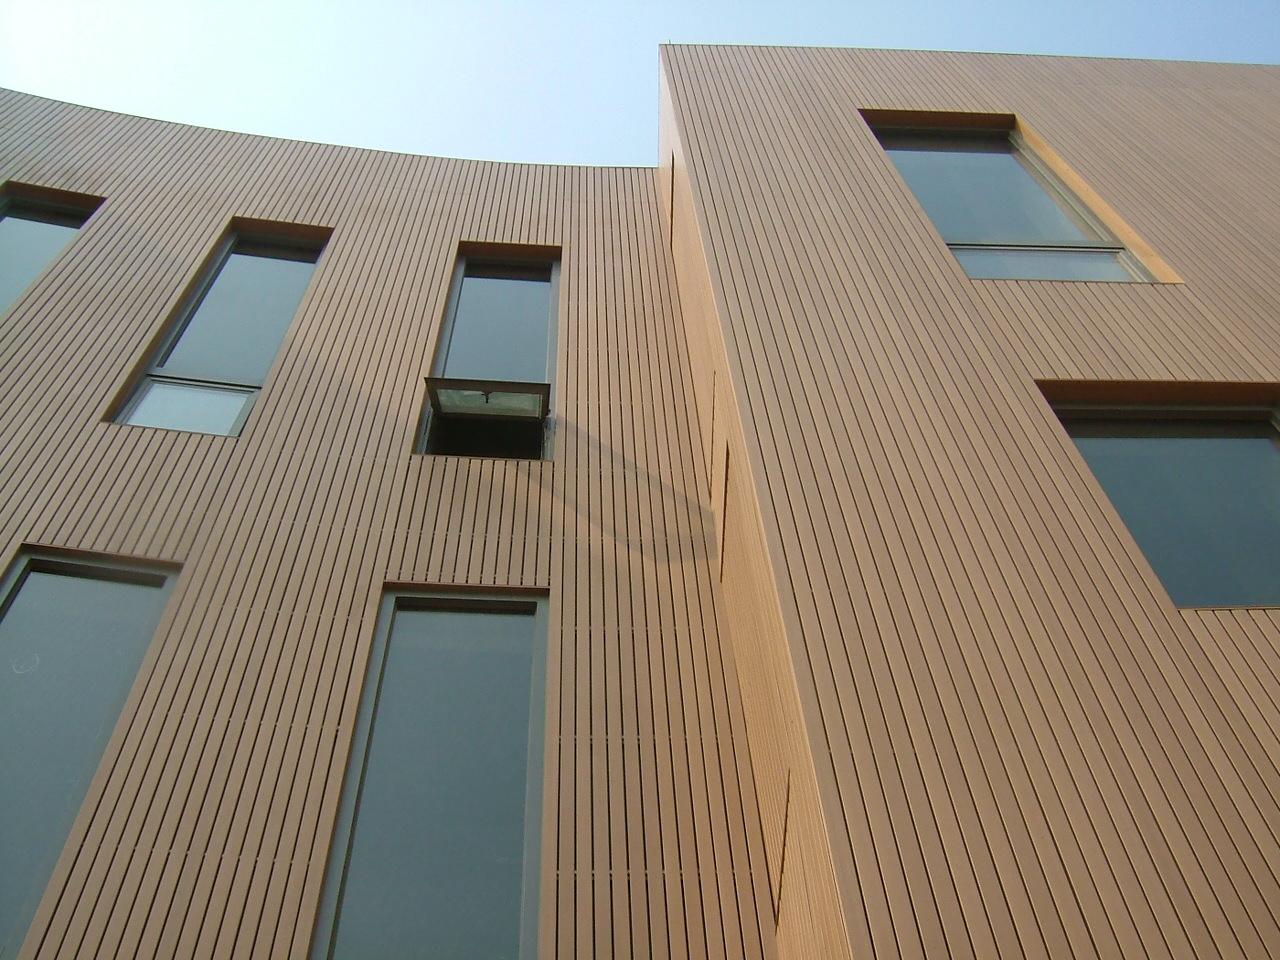 省广州市南沙区浮石印艺术园工程装饰木条用于外墙 案例评论高清图片